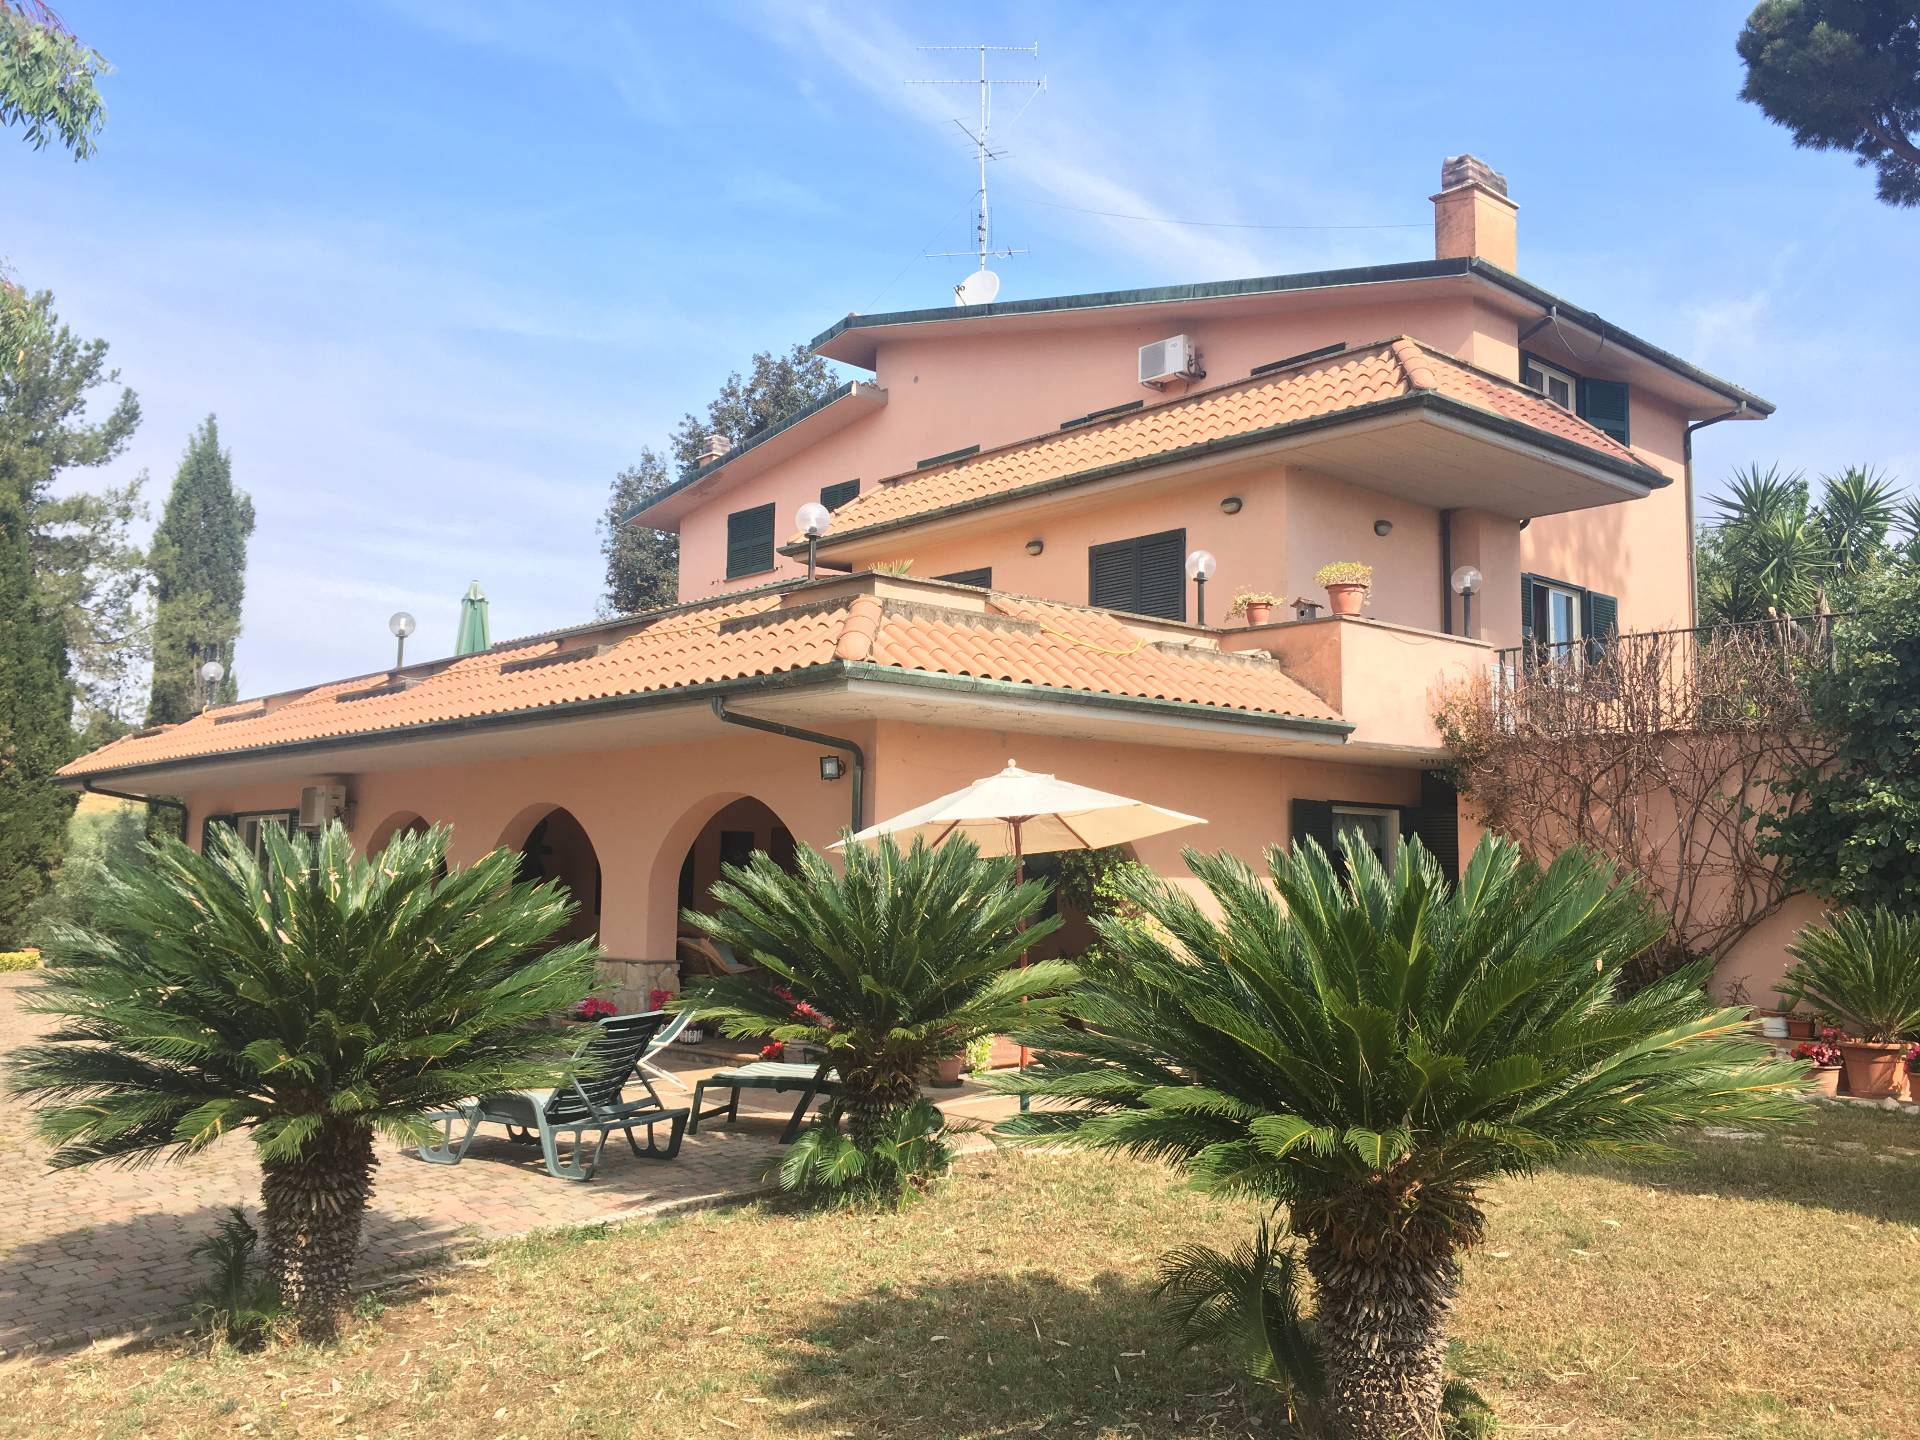 Villa in vendita a Mentana, 17 locali, prezzo € 750.000 | CambioCasa.it